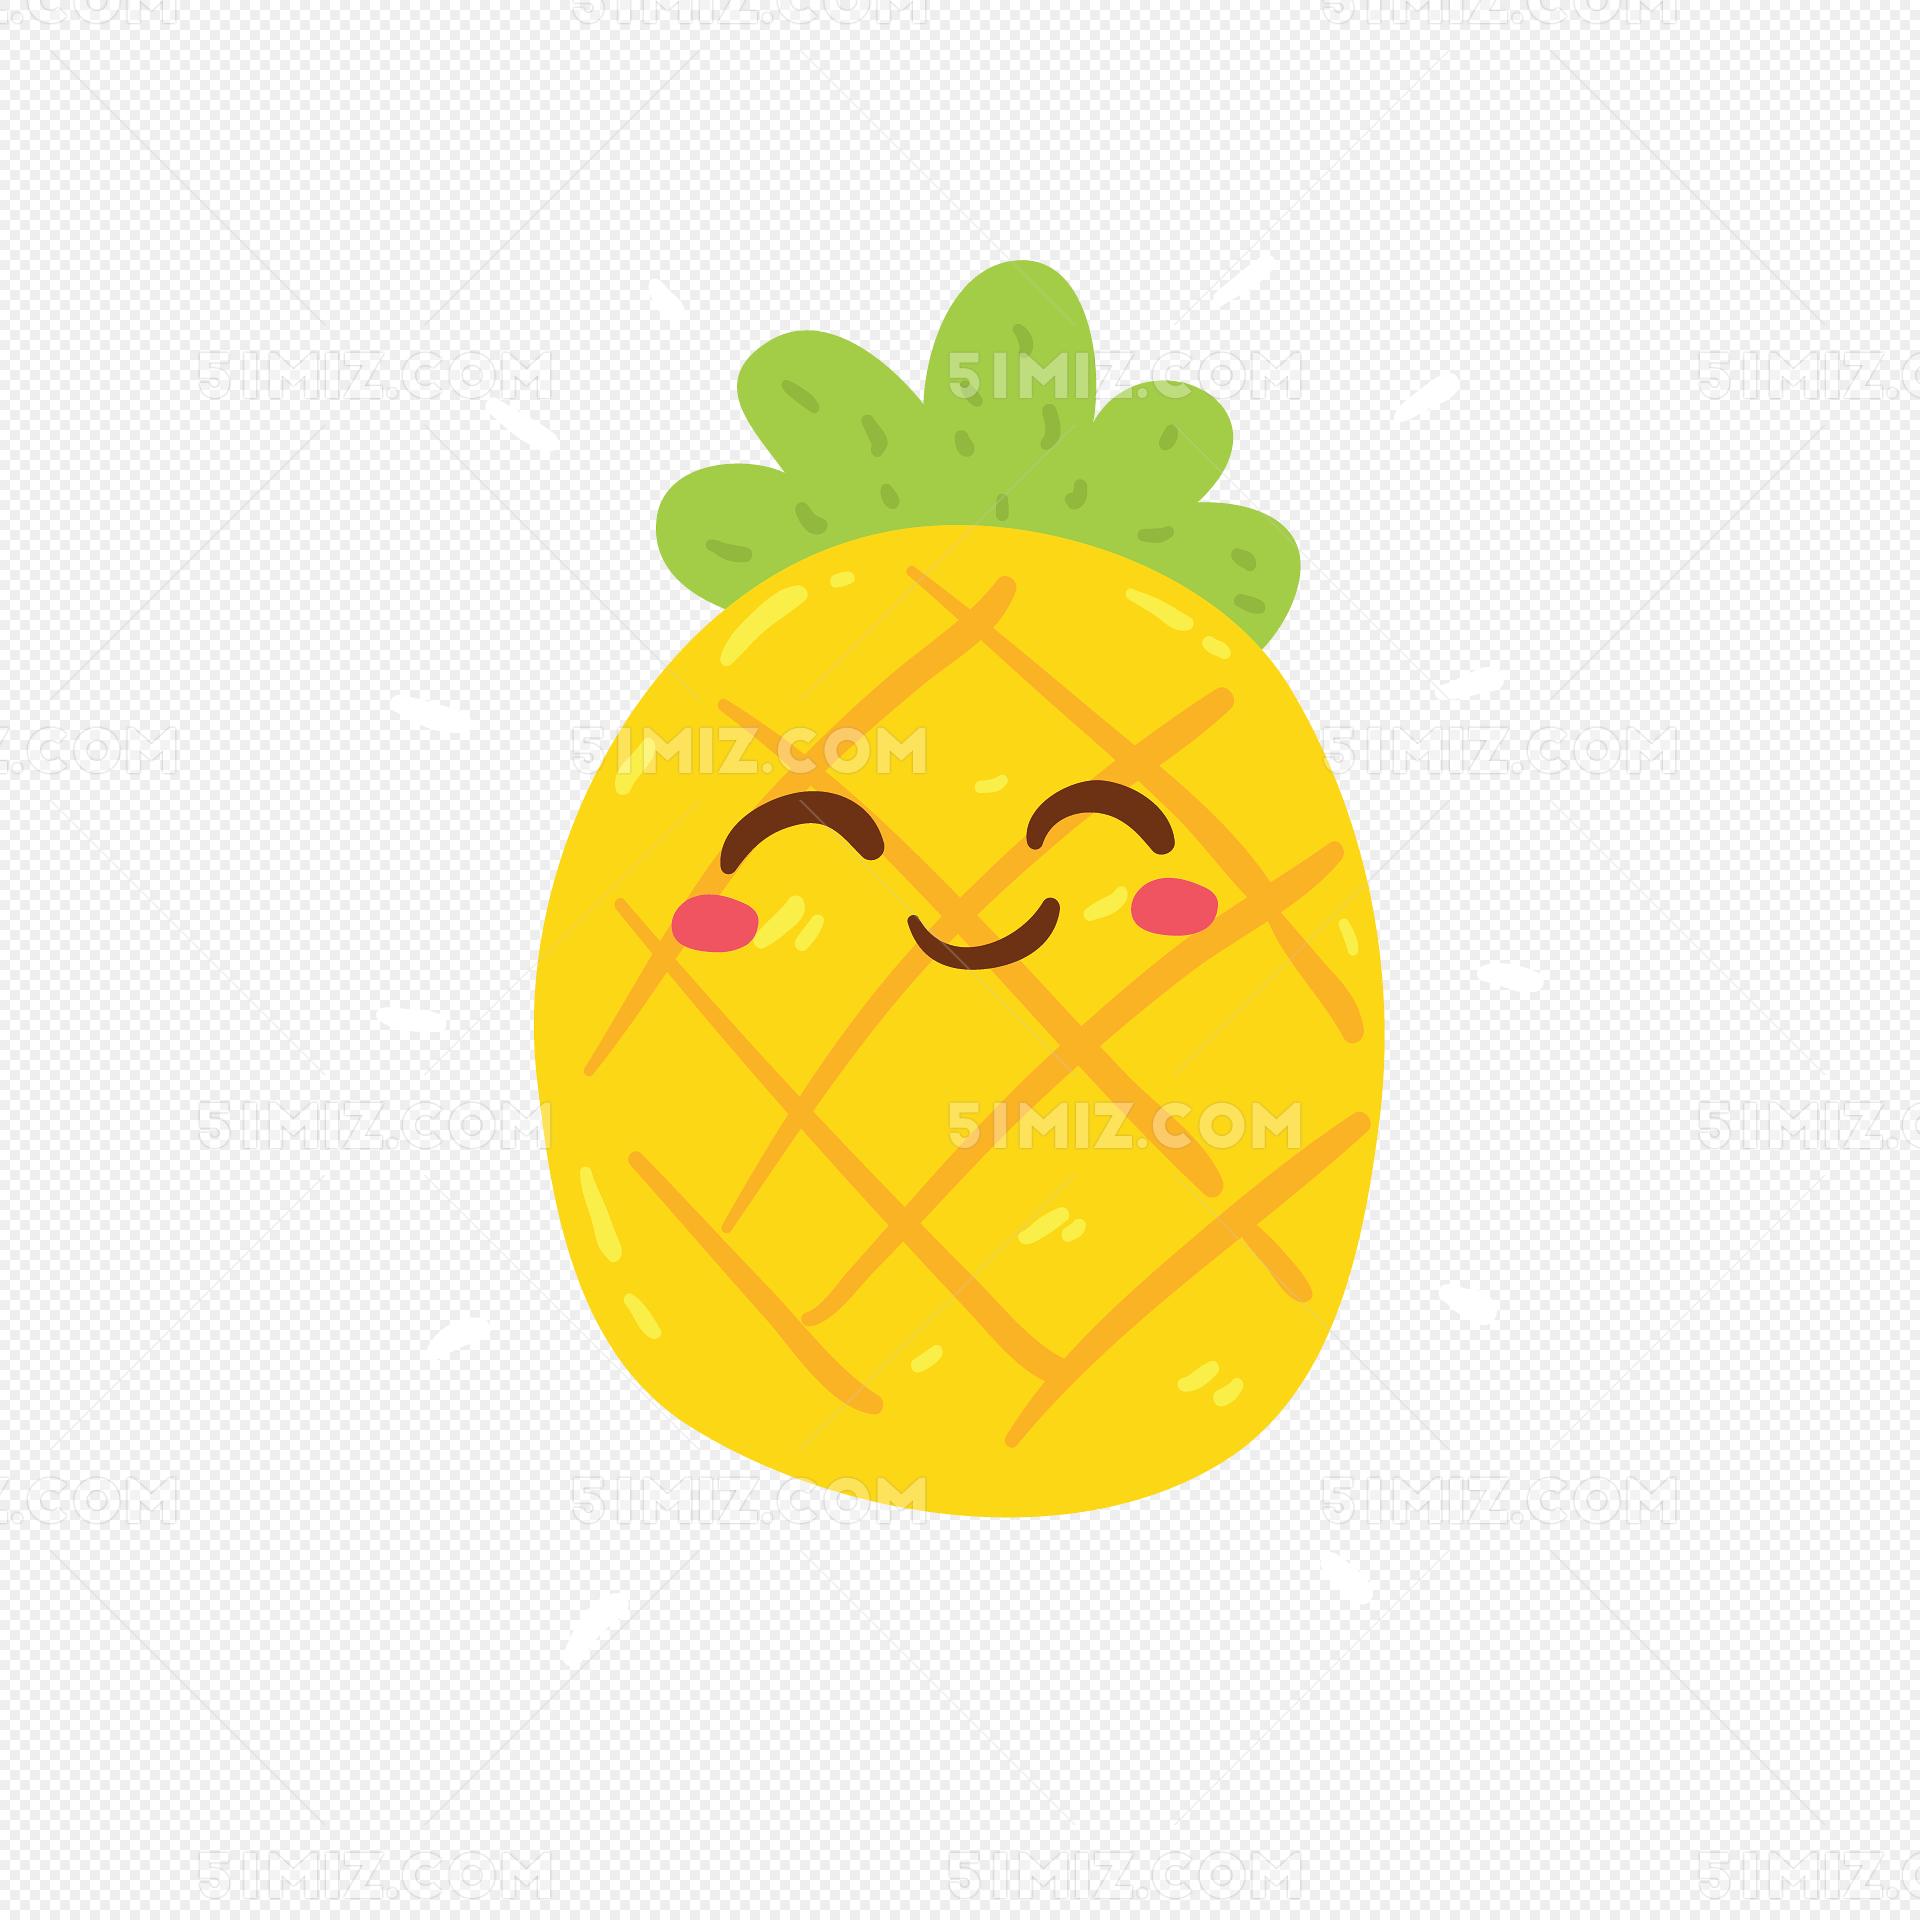 你好夏天卡通菠萝图片素材免费下载_觅知网